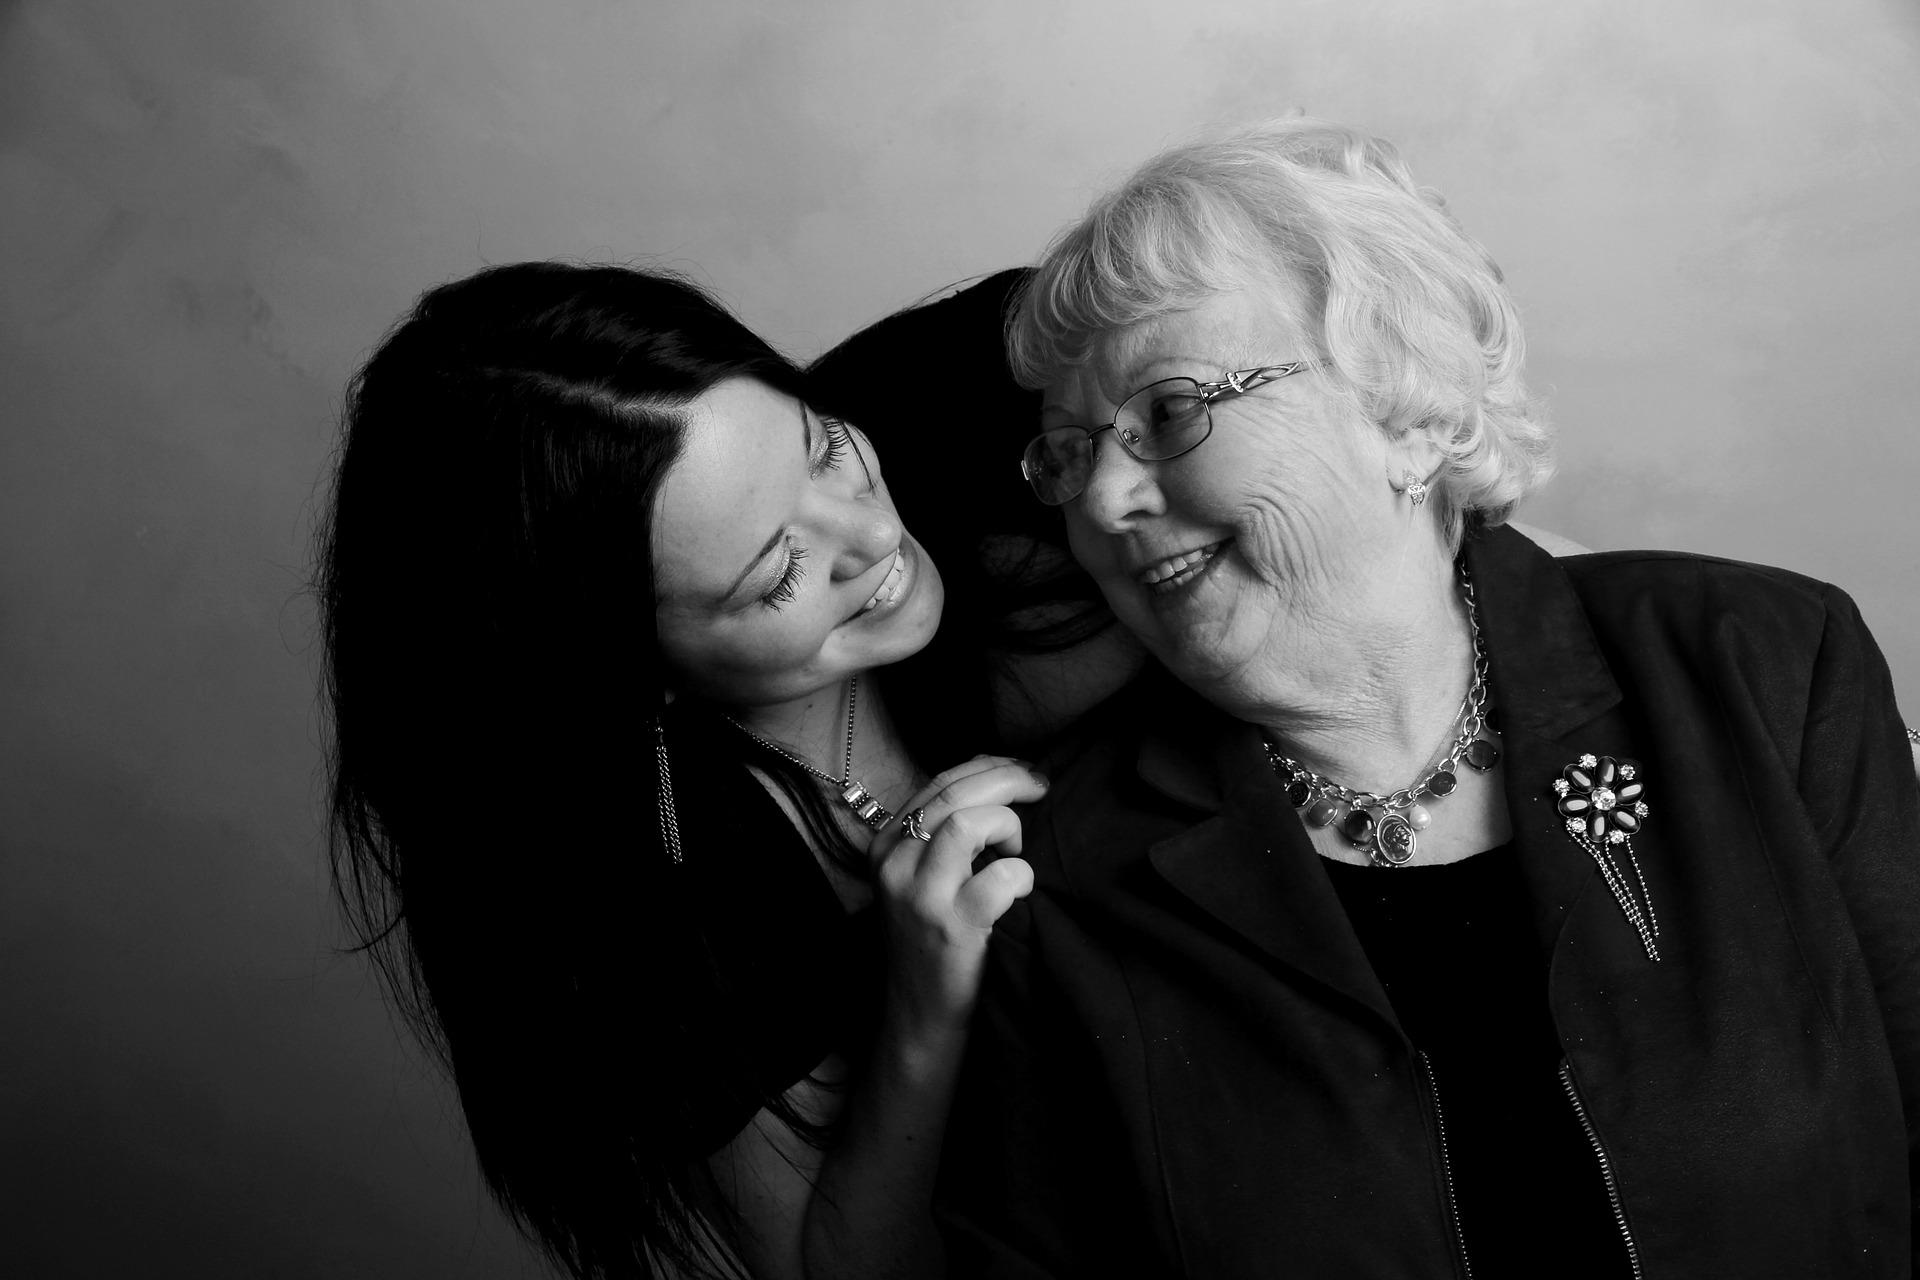 Une grand-mère et une femme se regardent avec complicité